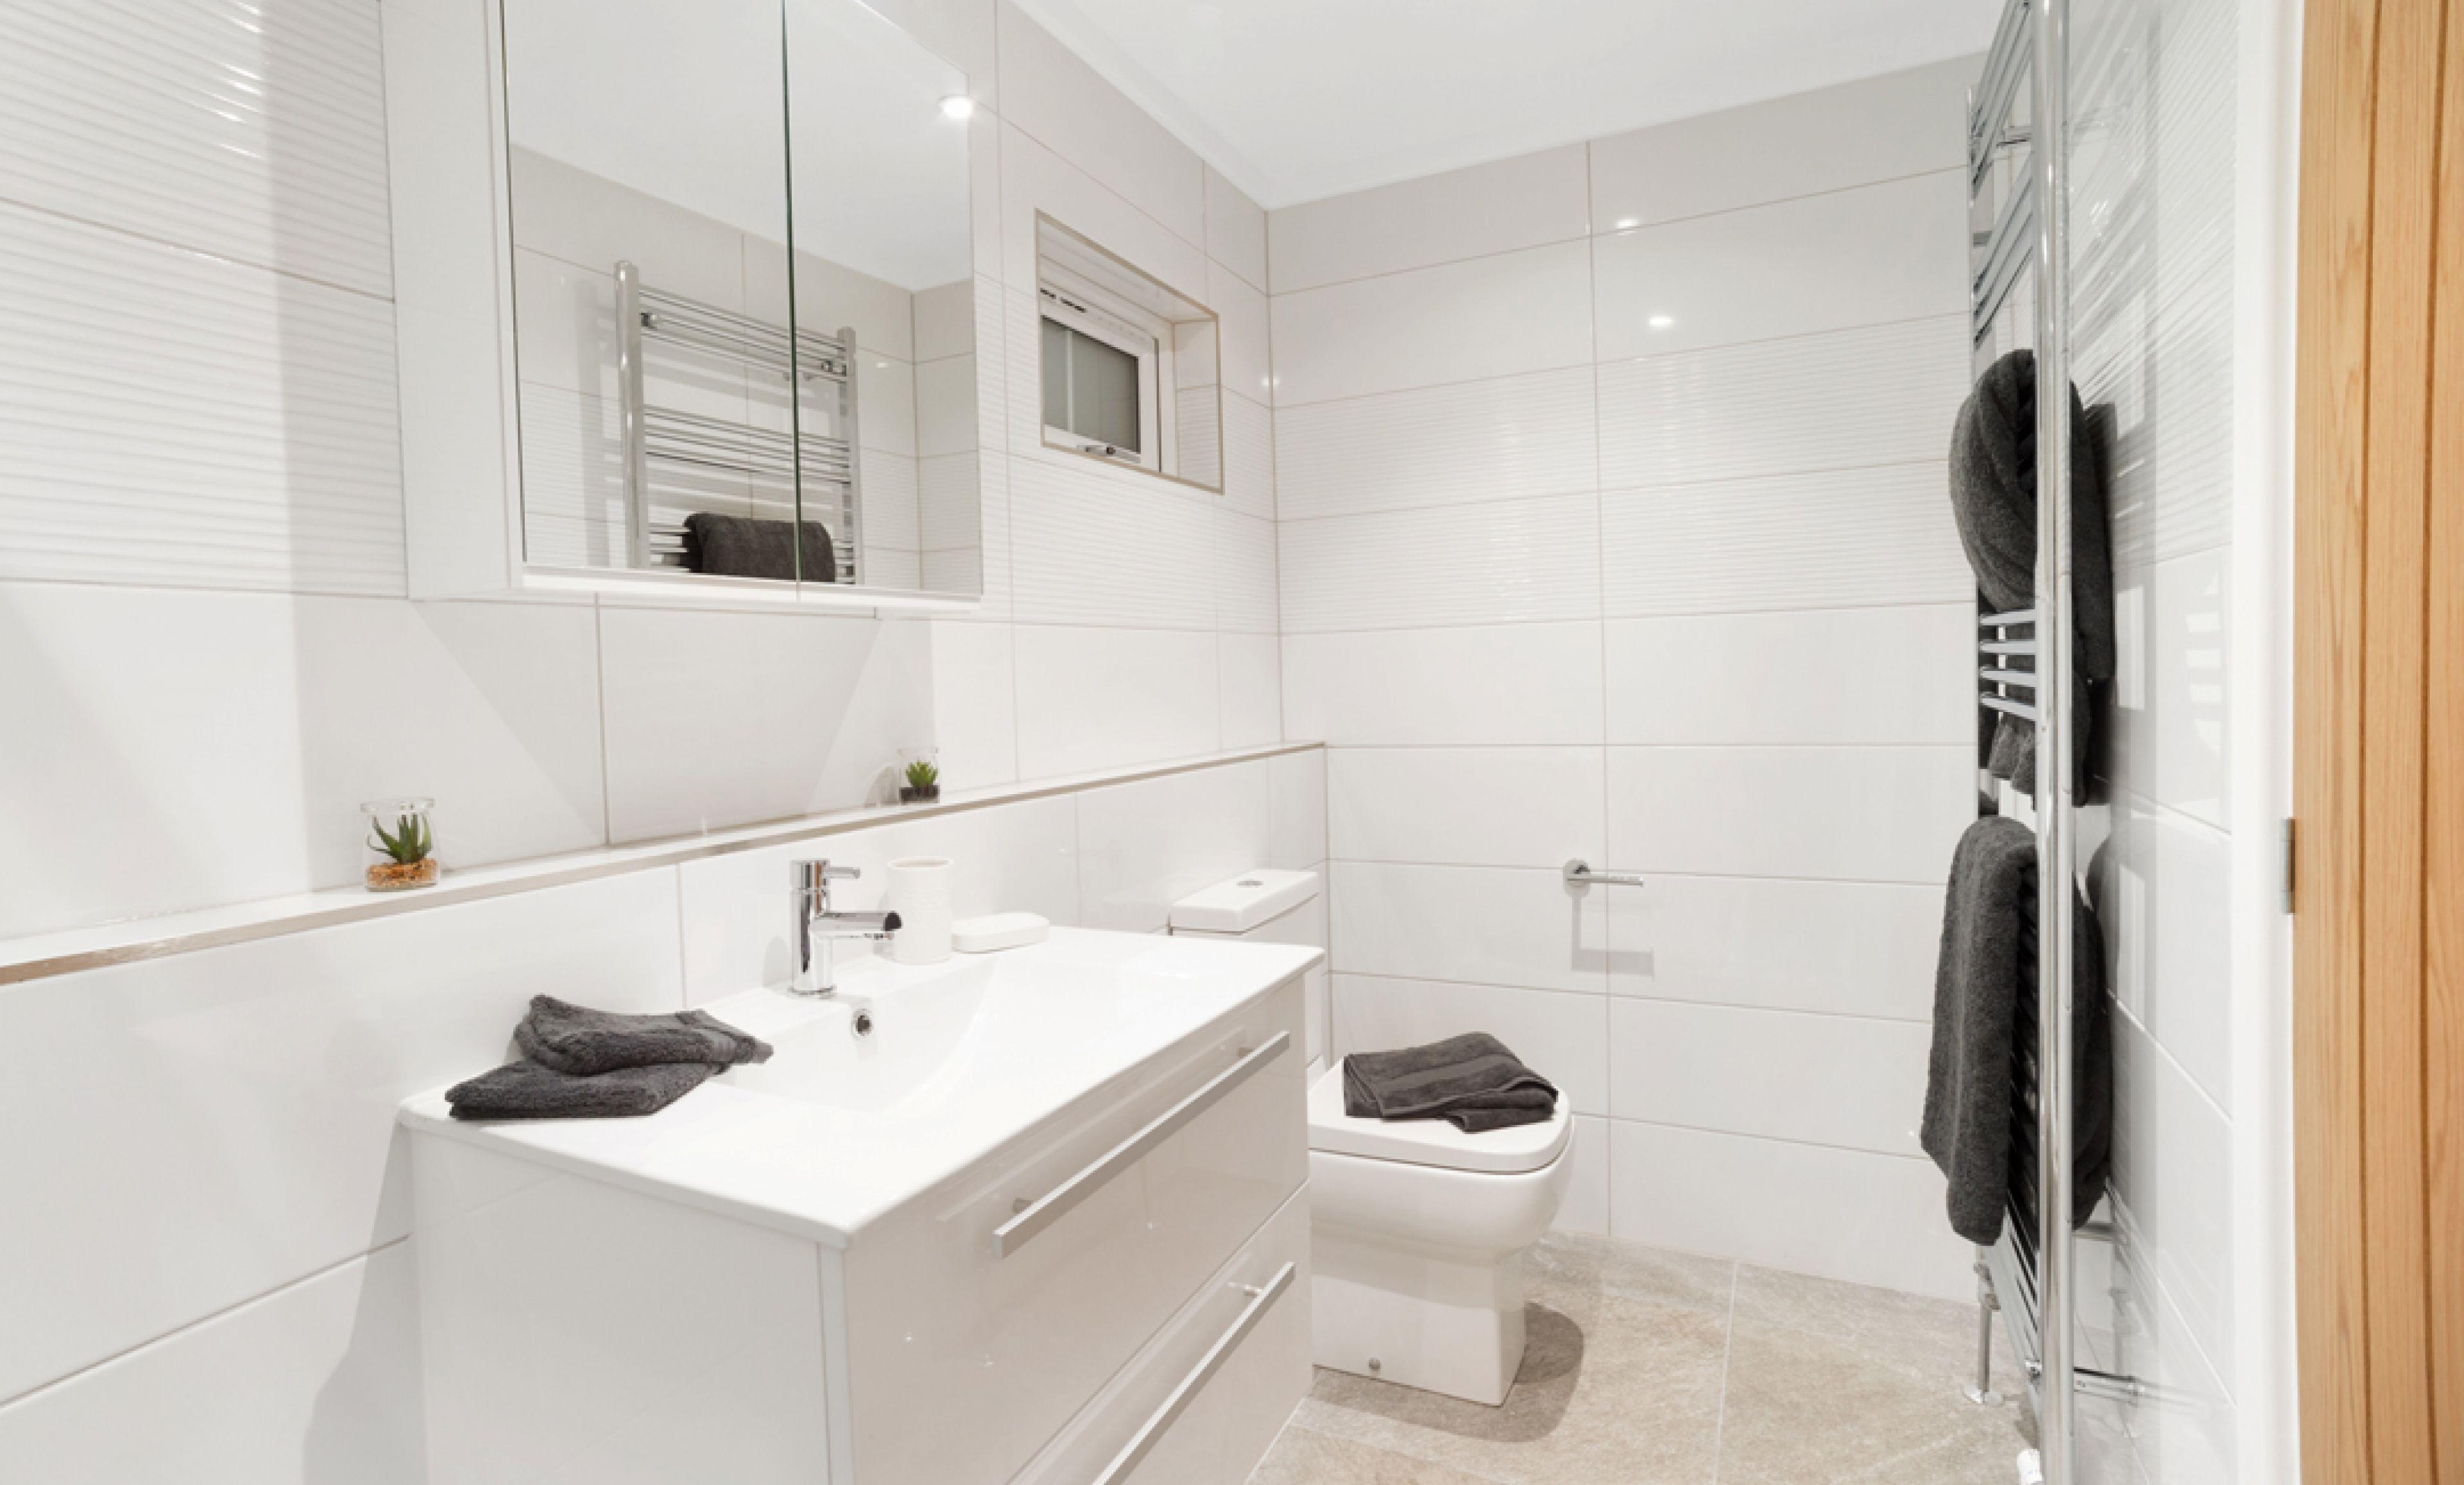 The Addington bathroom